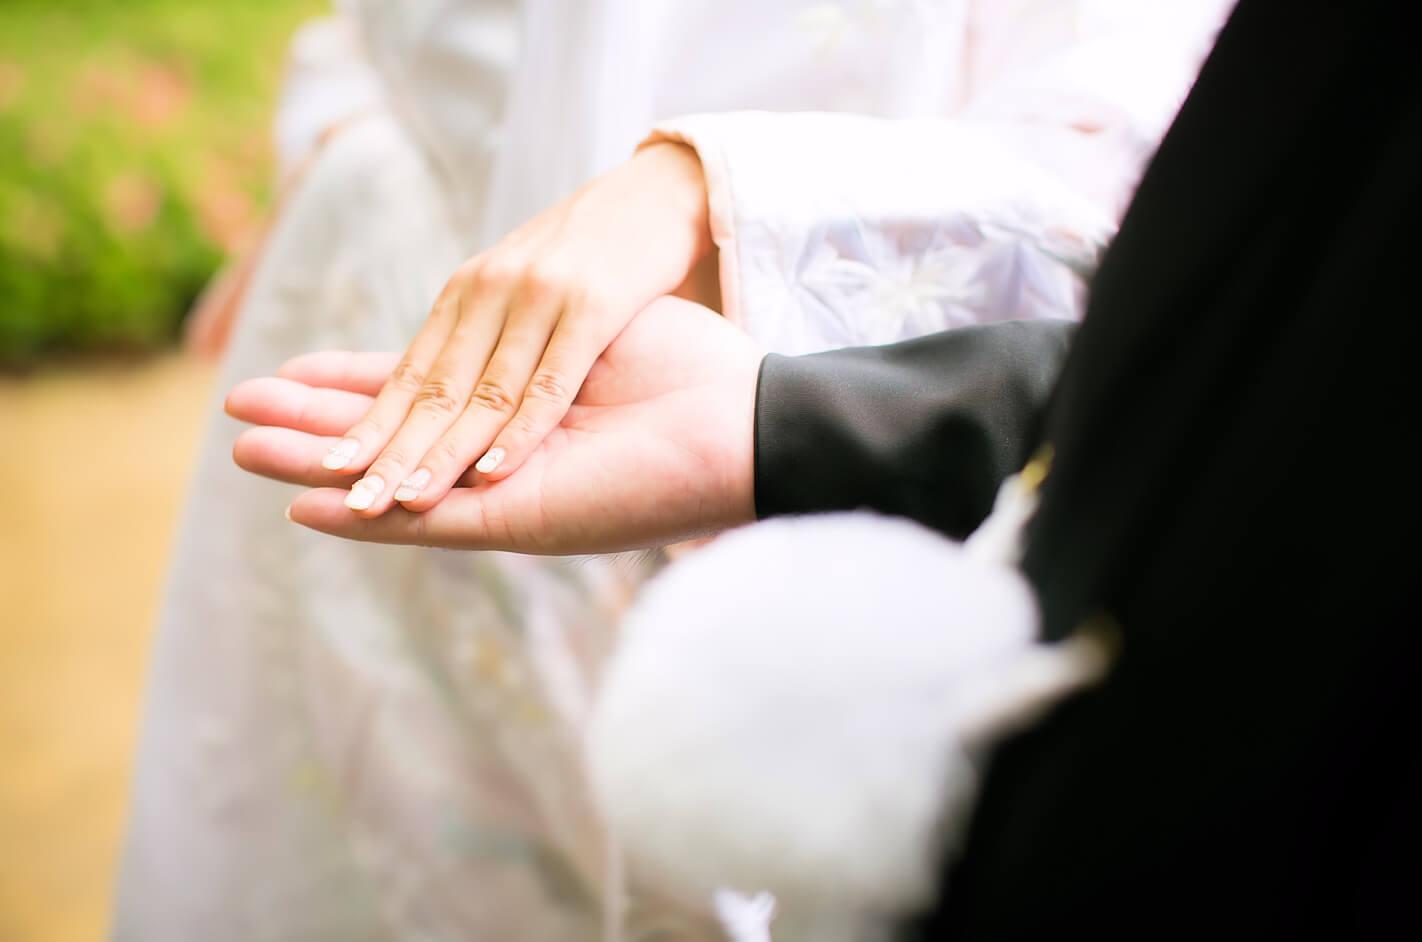 結婚式で手をつなぐ幸せな男女